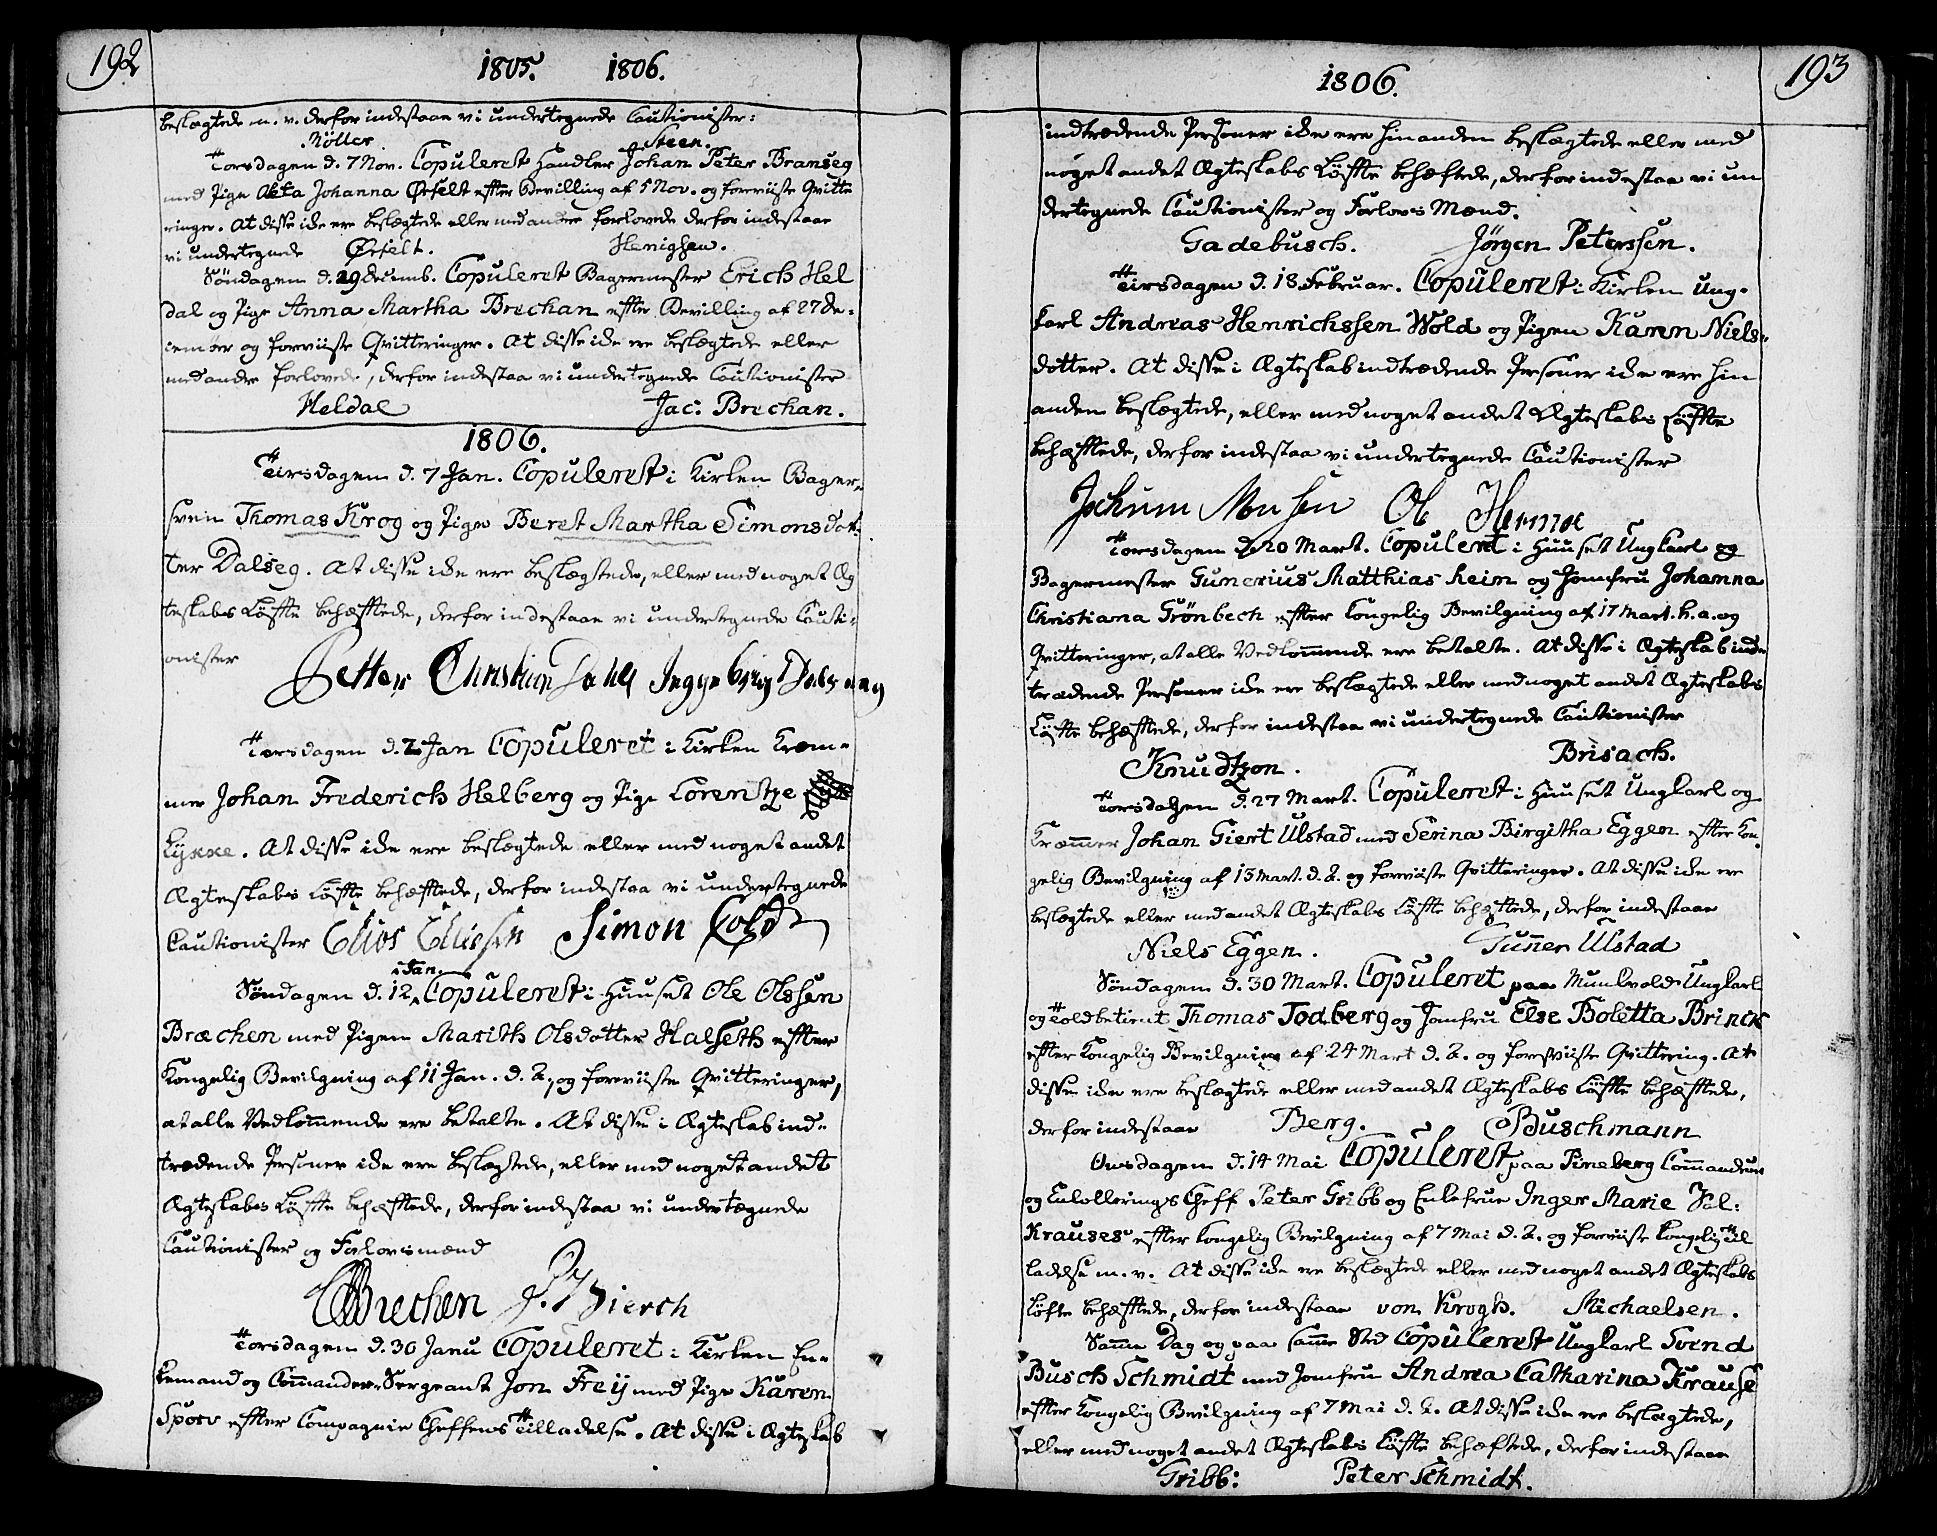 SAT, Ministerialprotokoller, klokkerbøker og fødselsregistre - Sør-Trøndelag, 602/L0105: Ministerialbok nr. 602A03, 1774-1814, s. 192-193